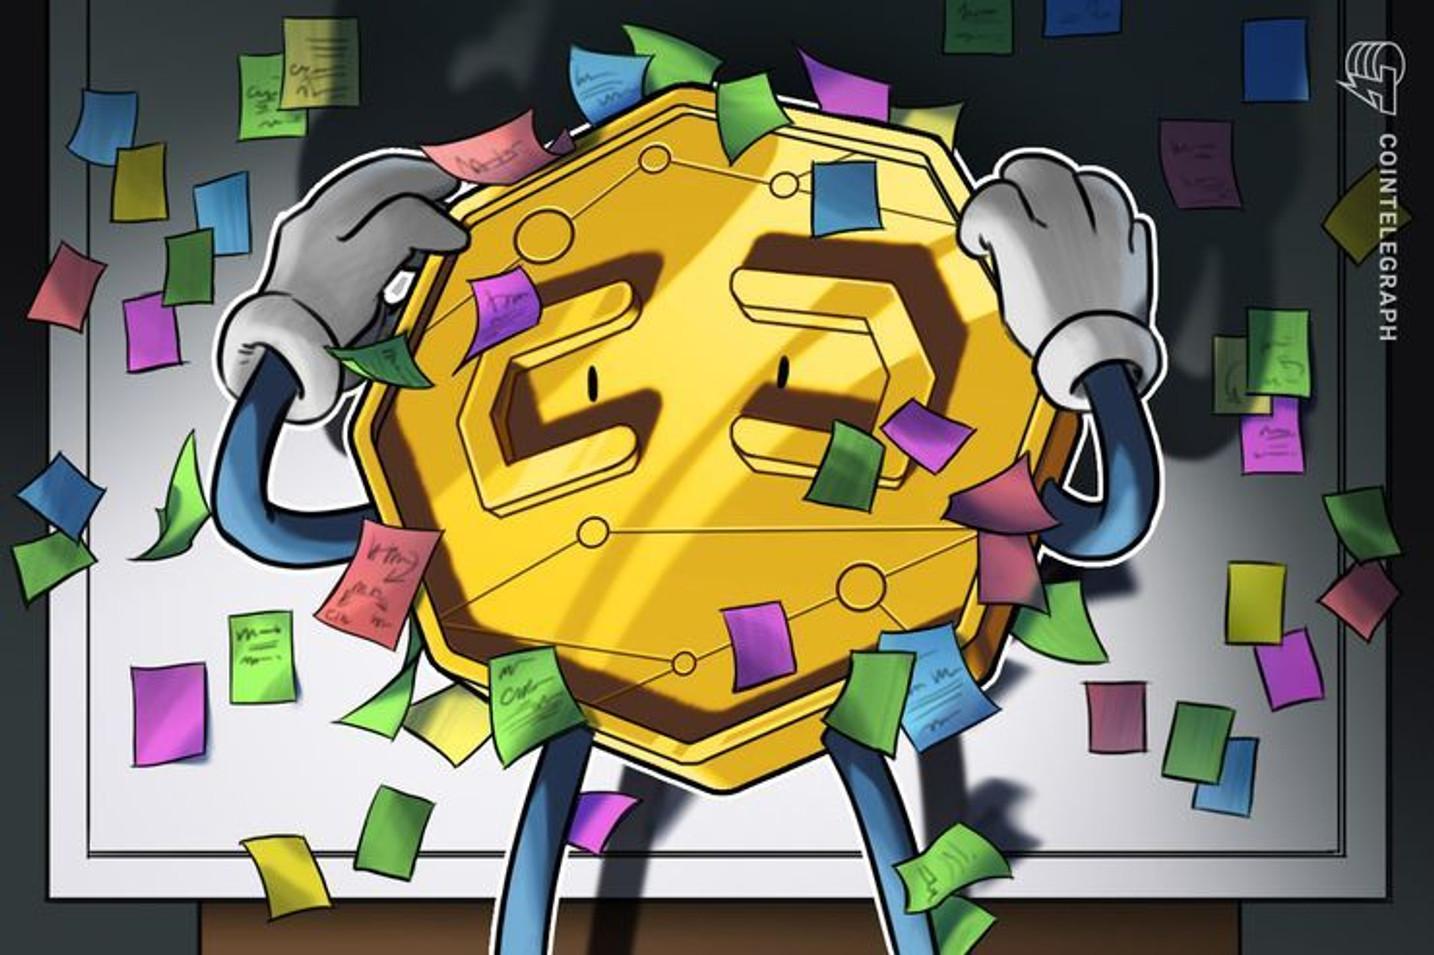 Big Tech en investigación por tácticas monopólicas. ¿Cómo afectará esto a Bitcoin?